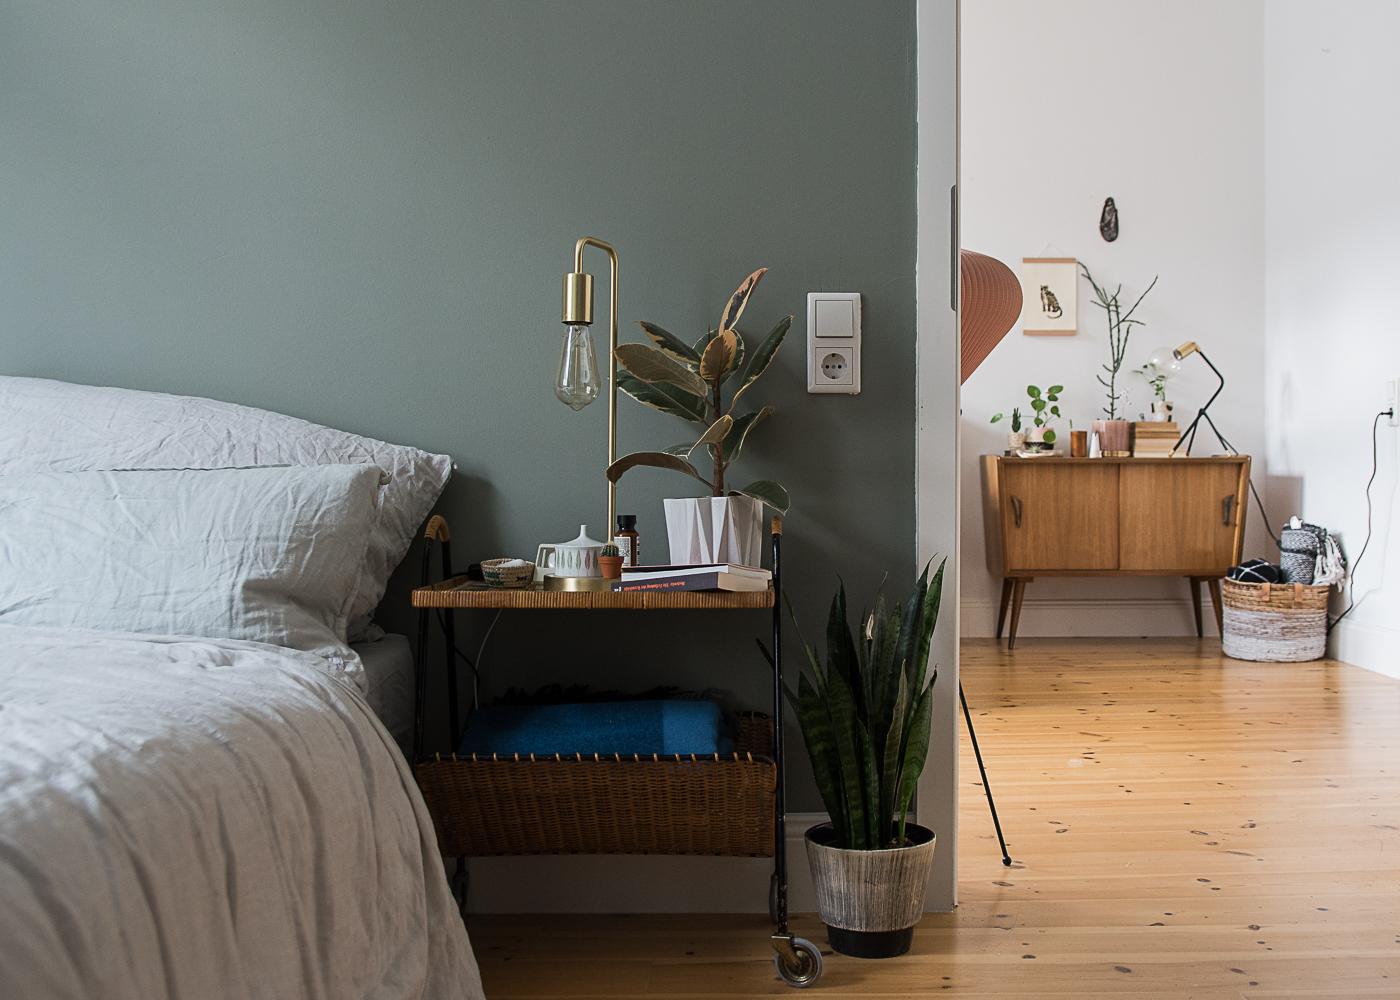 Schlafzimmer mit grüner Wand und Gira Lichtschalter